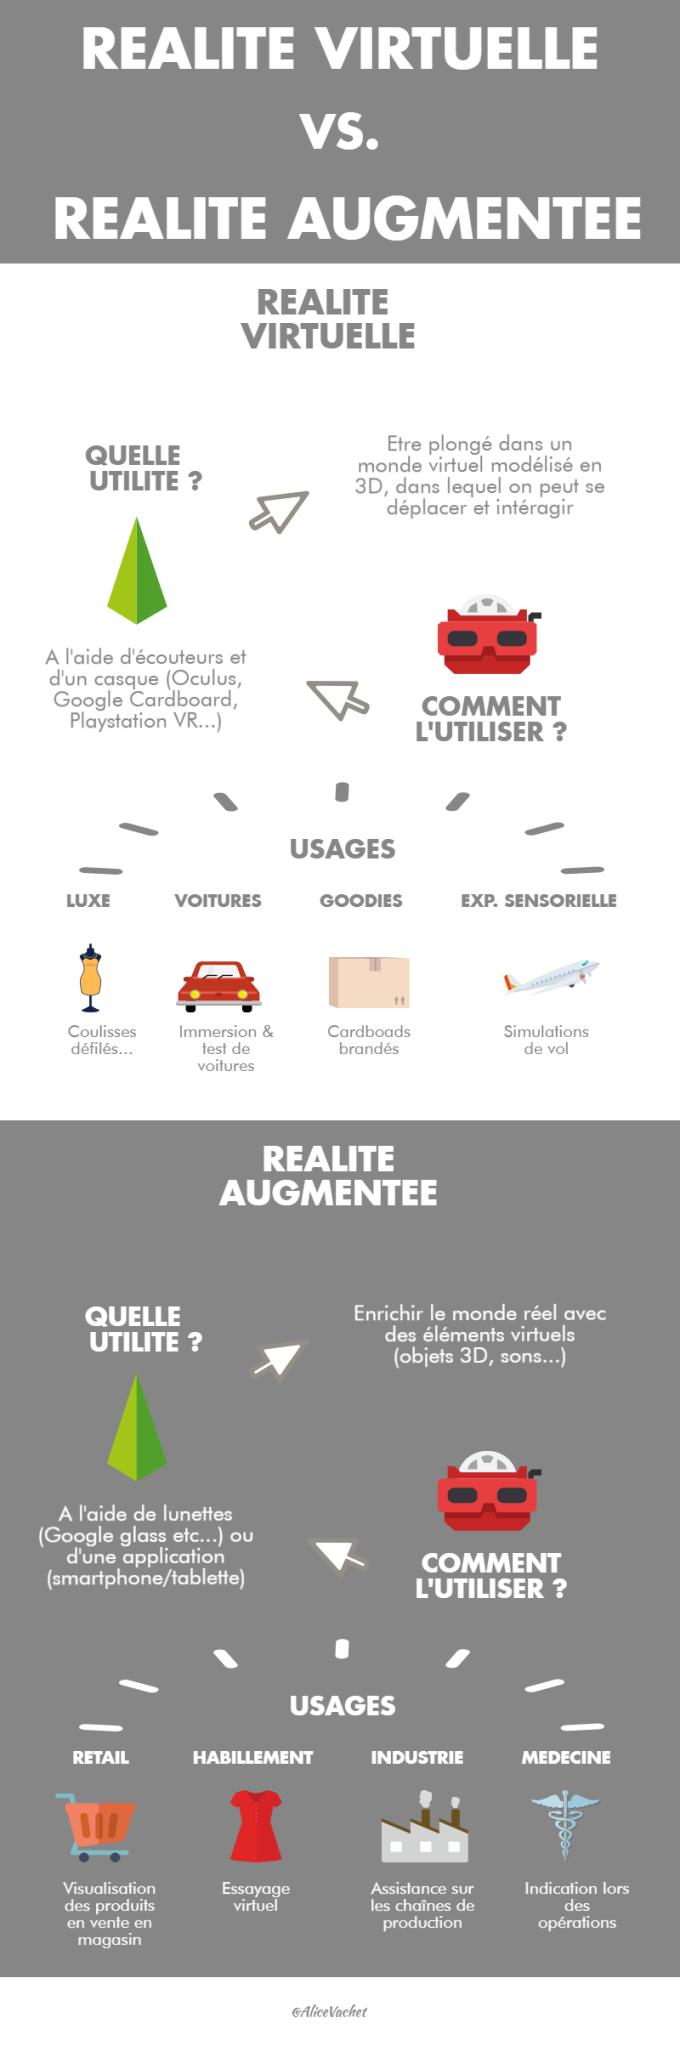 [INFOGRAPHIE] Réalité Virtuelle & Réalité Augmentée : Quelles différences?